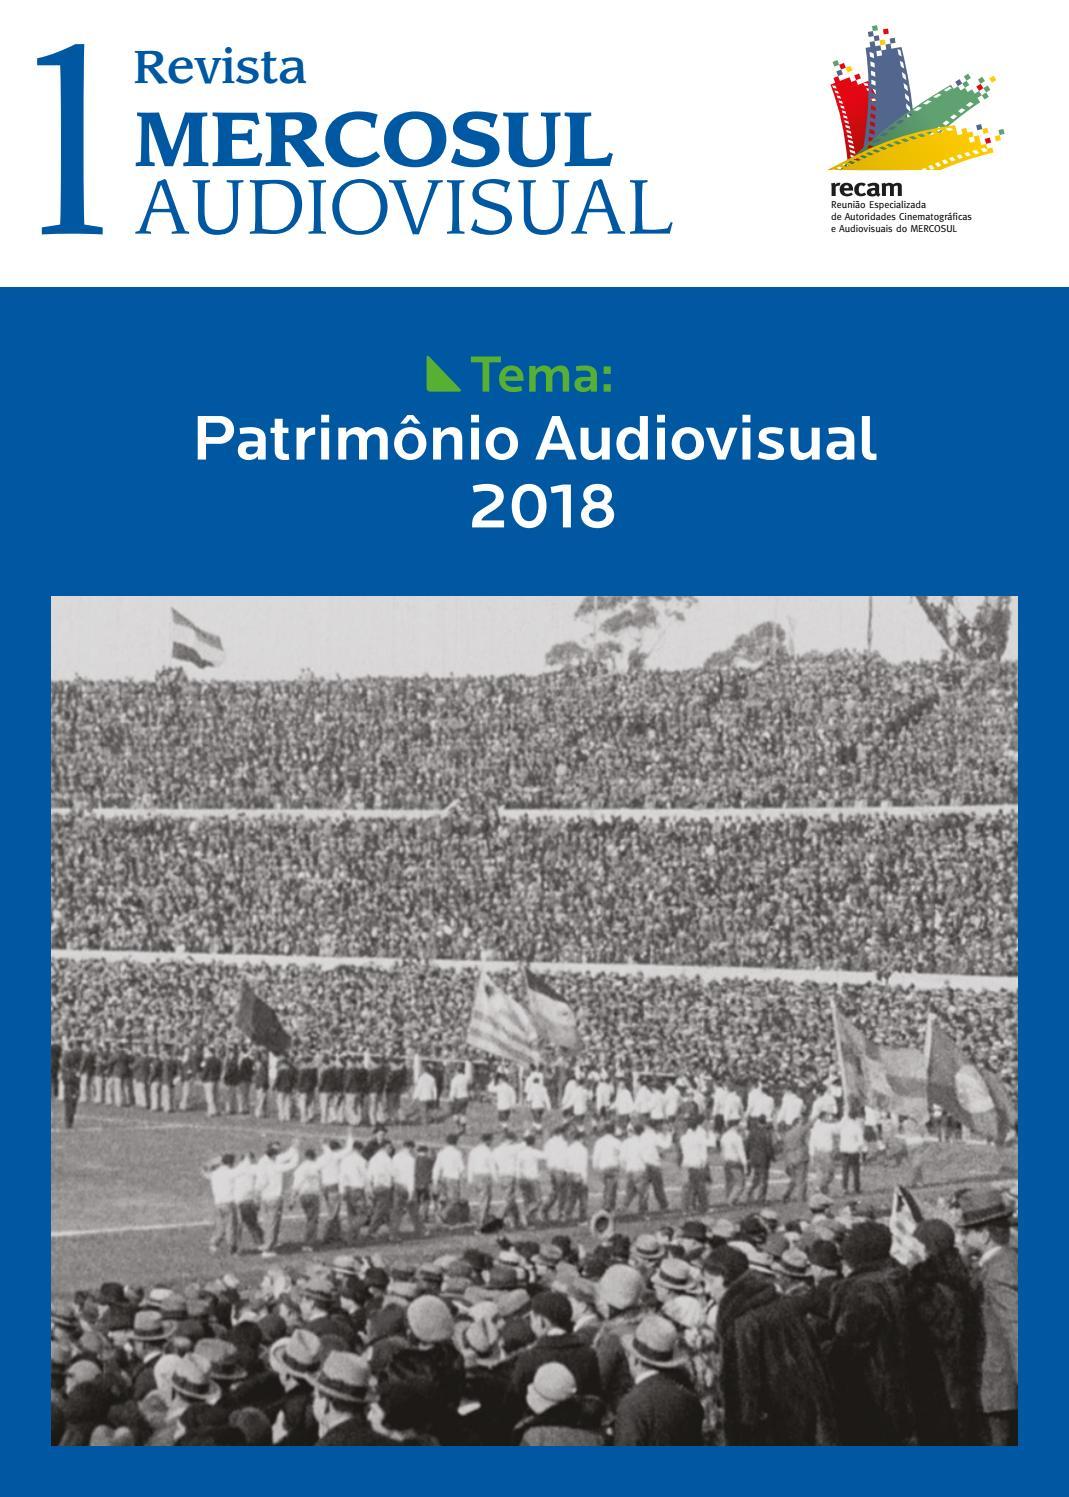 Revista MERCOSUL Audiovisual - Patrimônio Audiovisual 2018 by RECAM -  MERCOSUR - issuu d48985ad1036